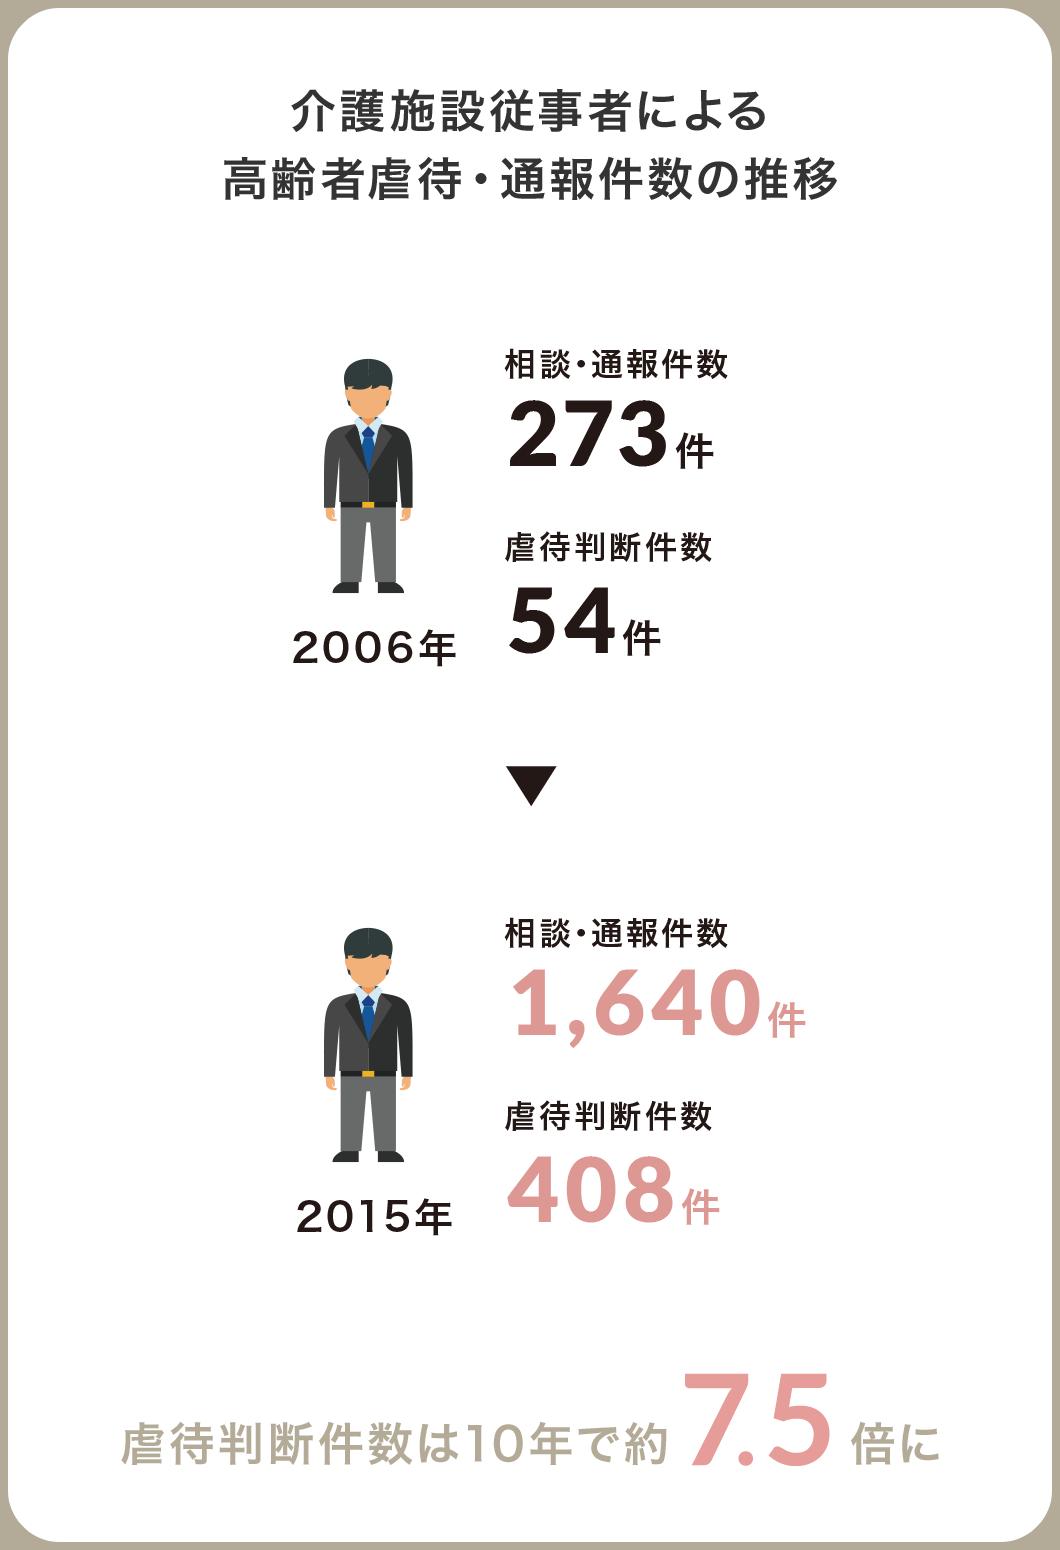 介護施設従事者による高齢者虐待・通報件数の推移 虐待判断件数は10年で約7.5倍に